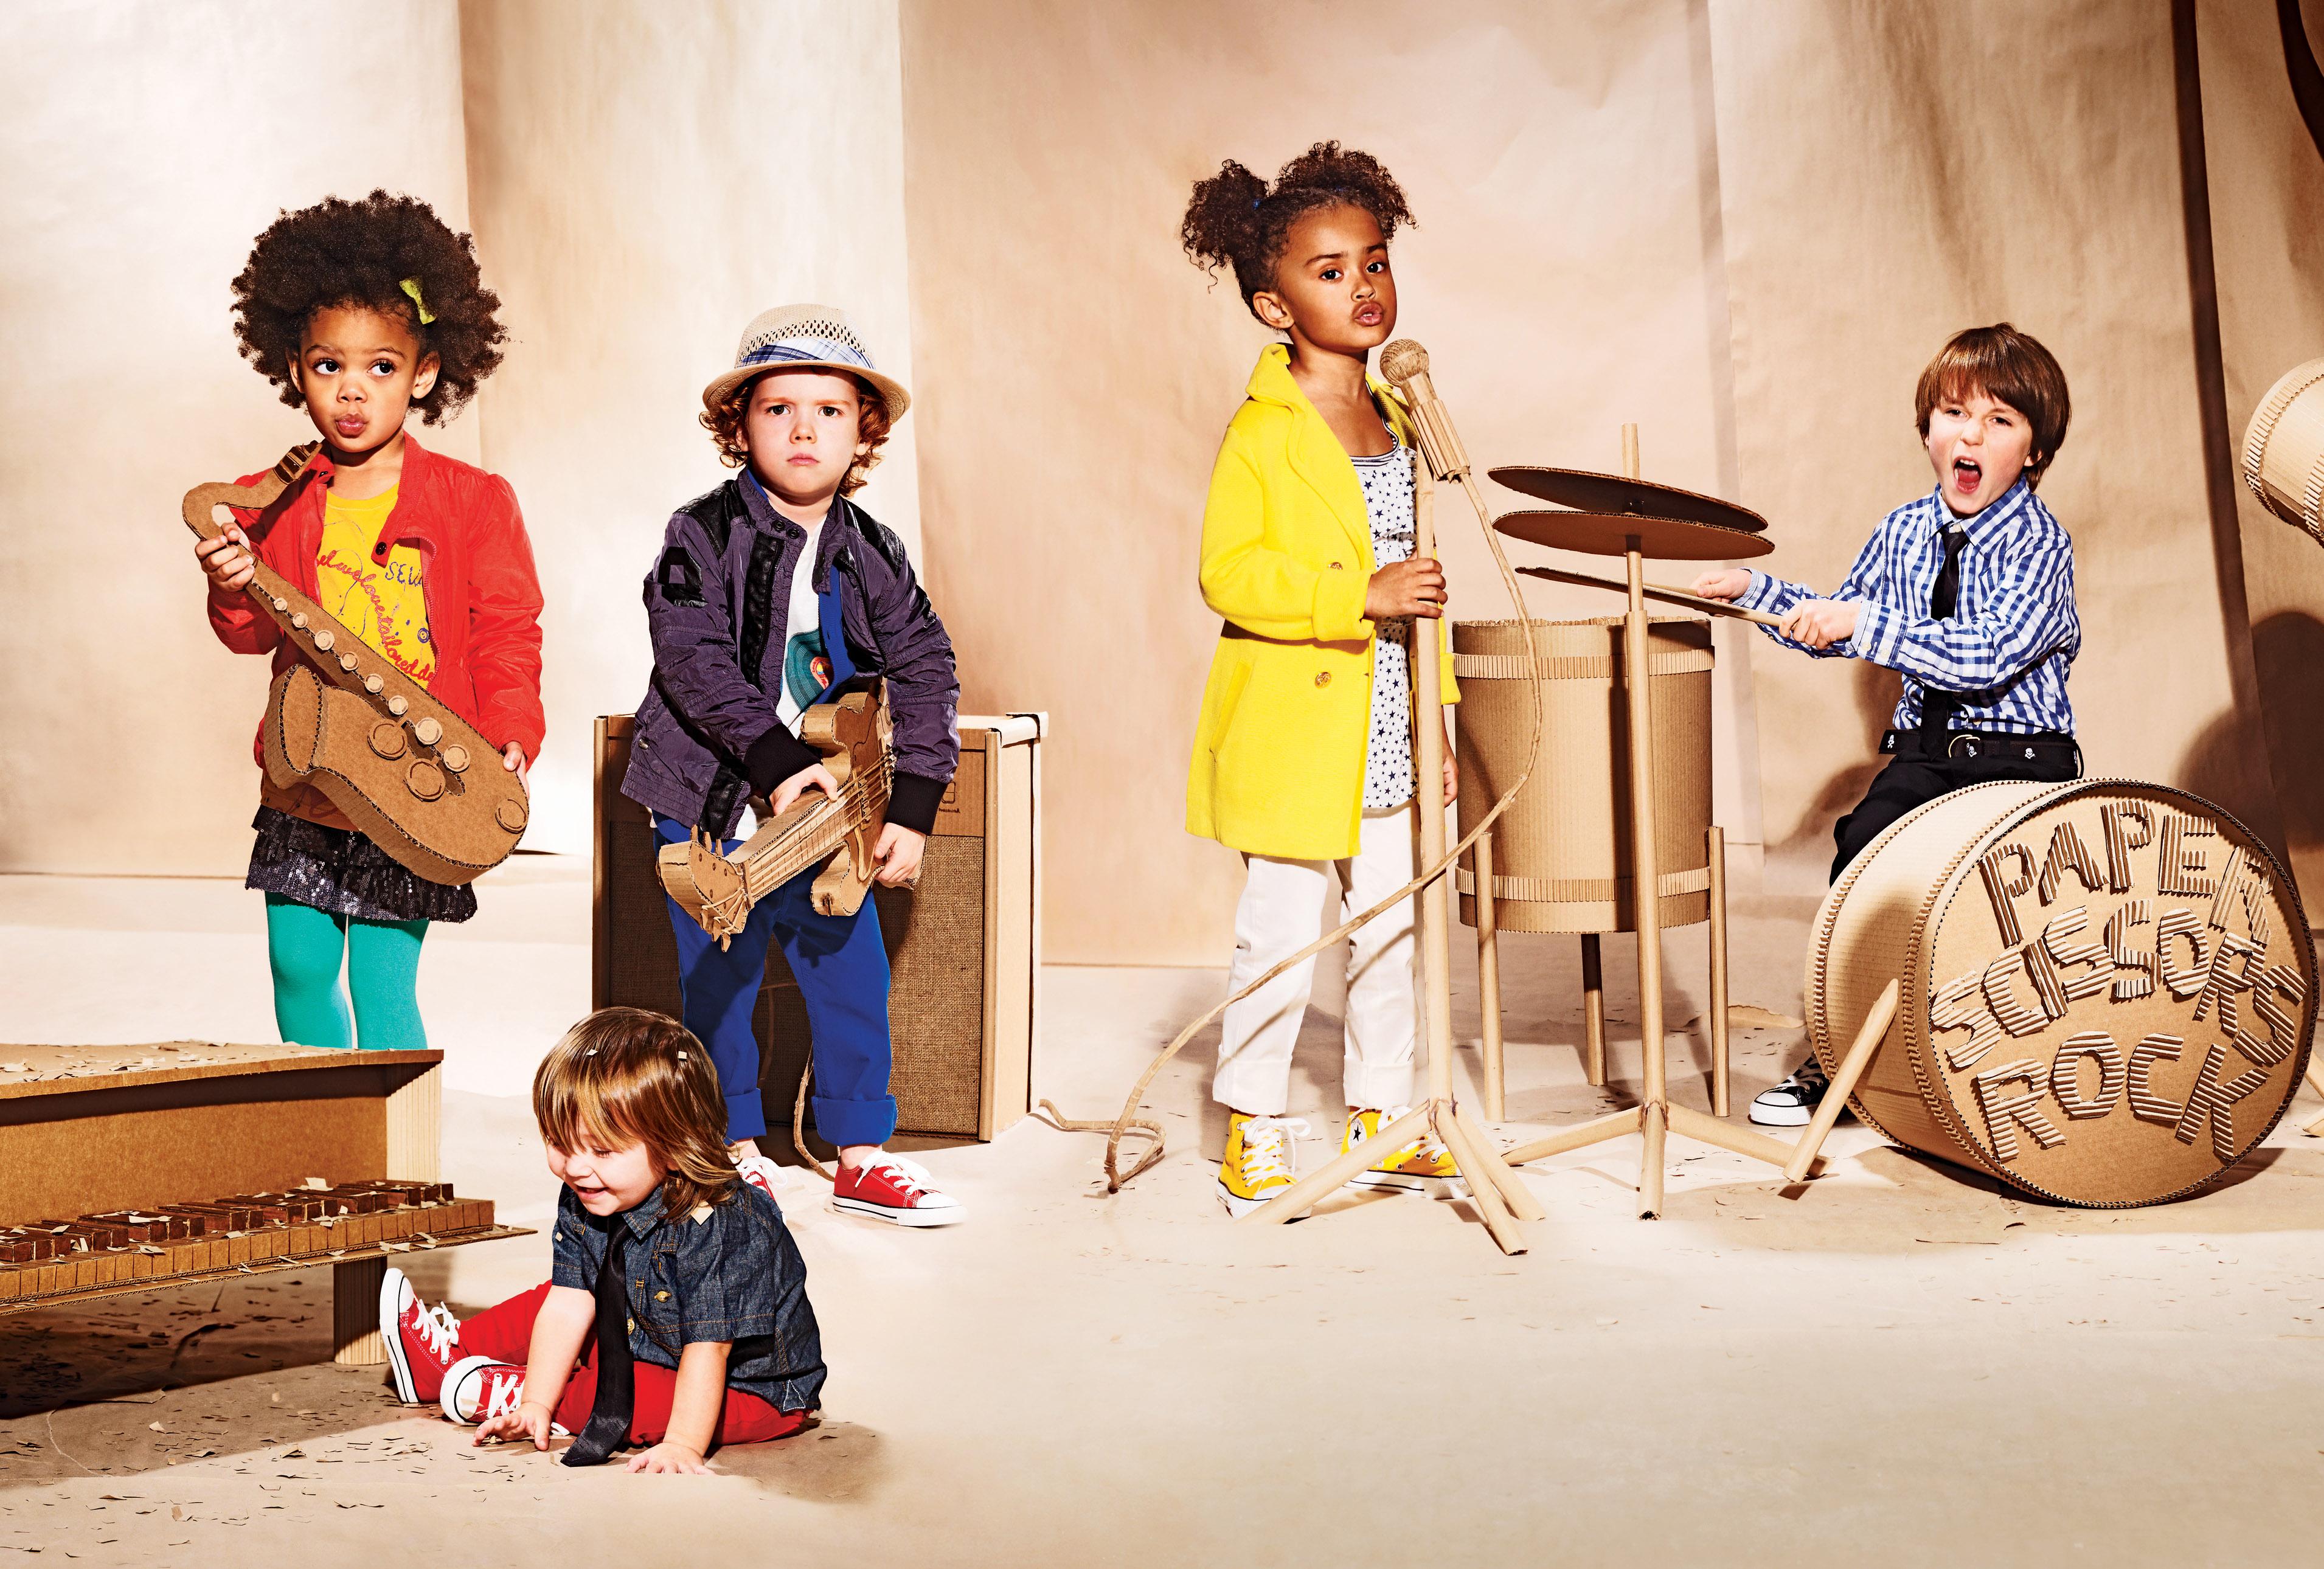 أهمية تعليم الموسيقا للأطفال